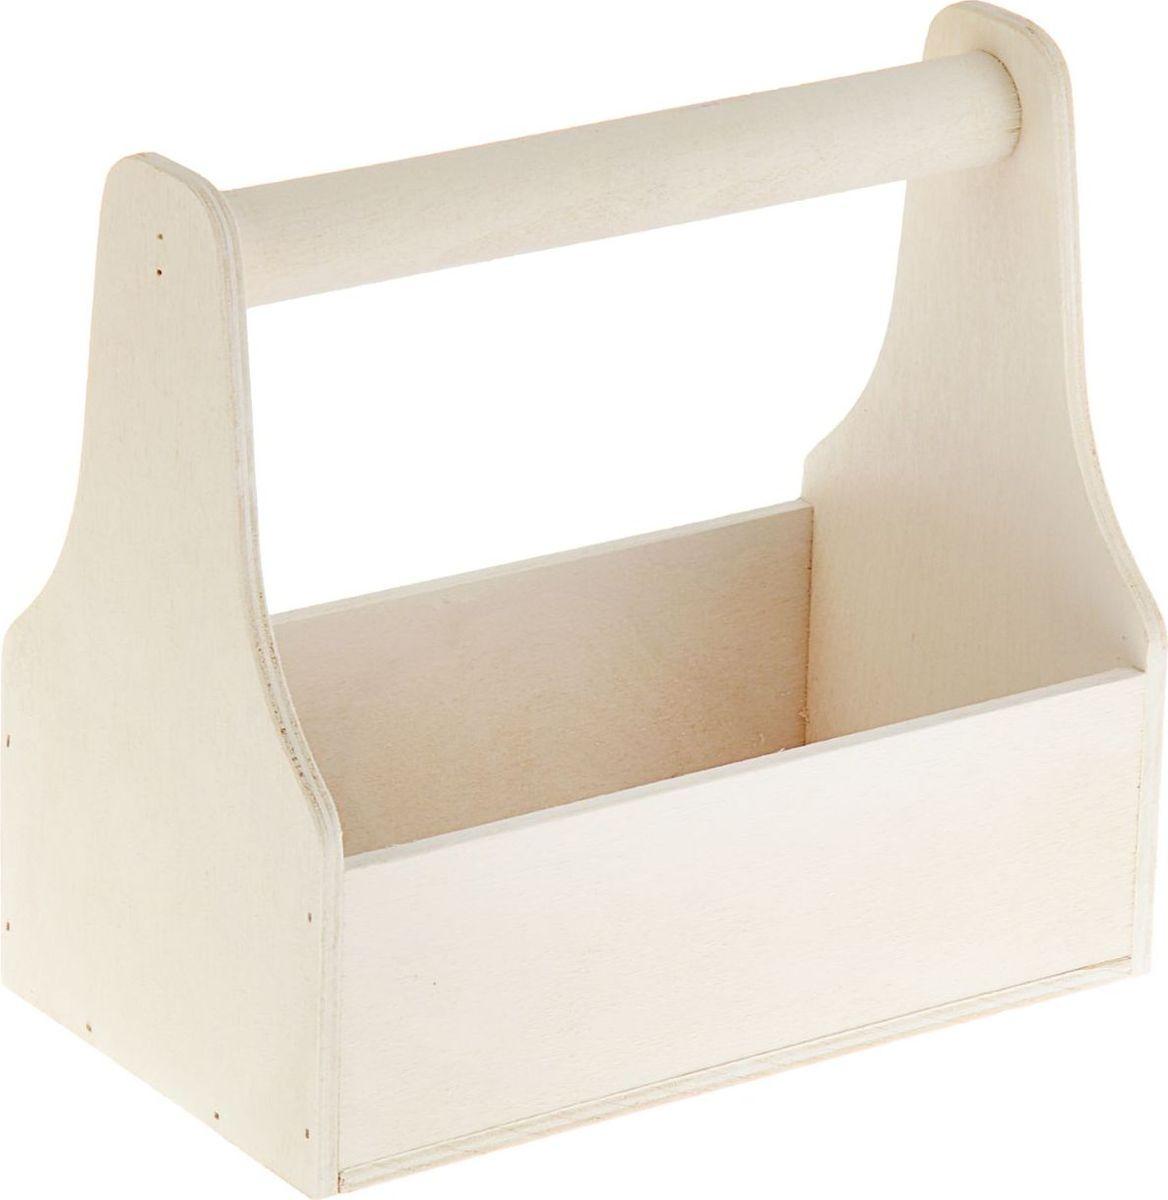 Кашпо ТД ДМ Ящик для инструментов, цвет: белый, 20 х 20 х 12,5 см1874332#name# — сувенир в полном смысле этого слова. И главная его задача — хранить воспоминание о месте, где вы побывали, или о том человеке, который подарил данный предмет. Преподнесите эту вещь своему другу, и она станет достойным украшением его дома.